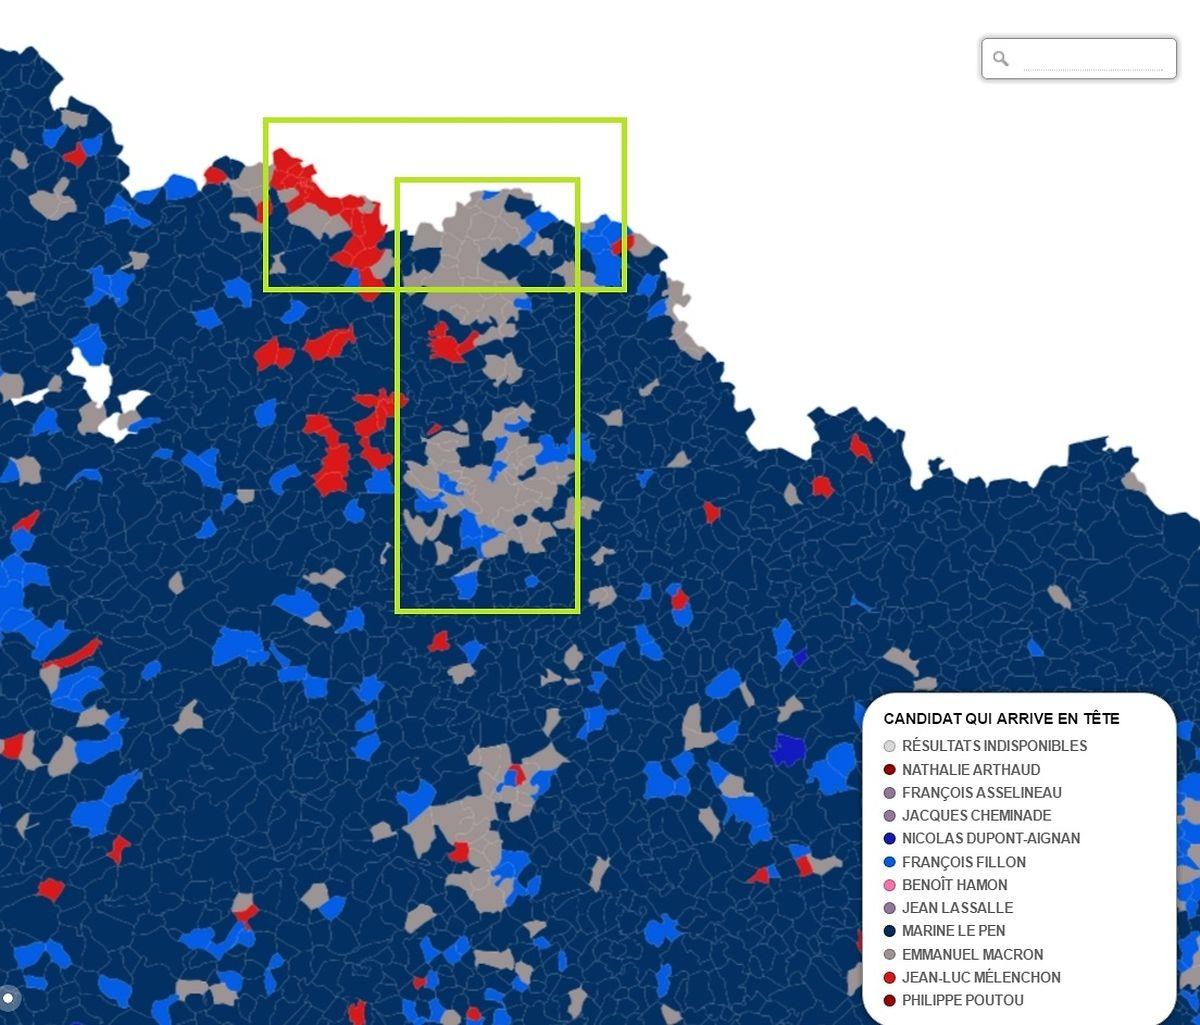 Dans l'océan bleu marine (FN) qui recouvre la Lorraine, on voit bien des zones grises (En Marche), rouges (La France insoumise) et bleu clair (Les Républicains) situées le long de la frontière et de l'A31